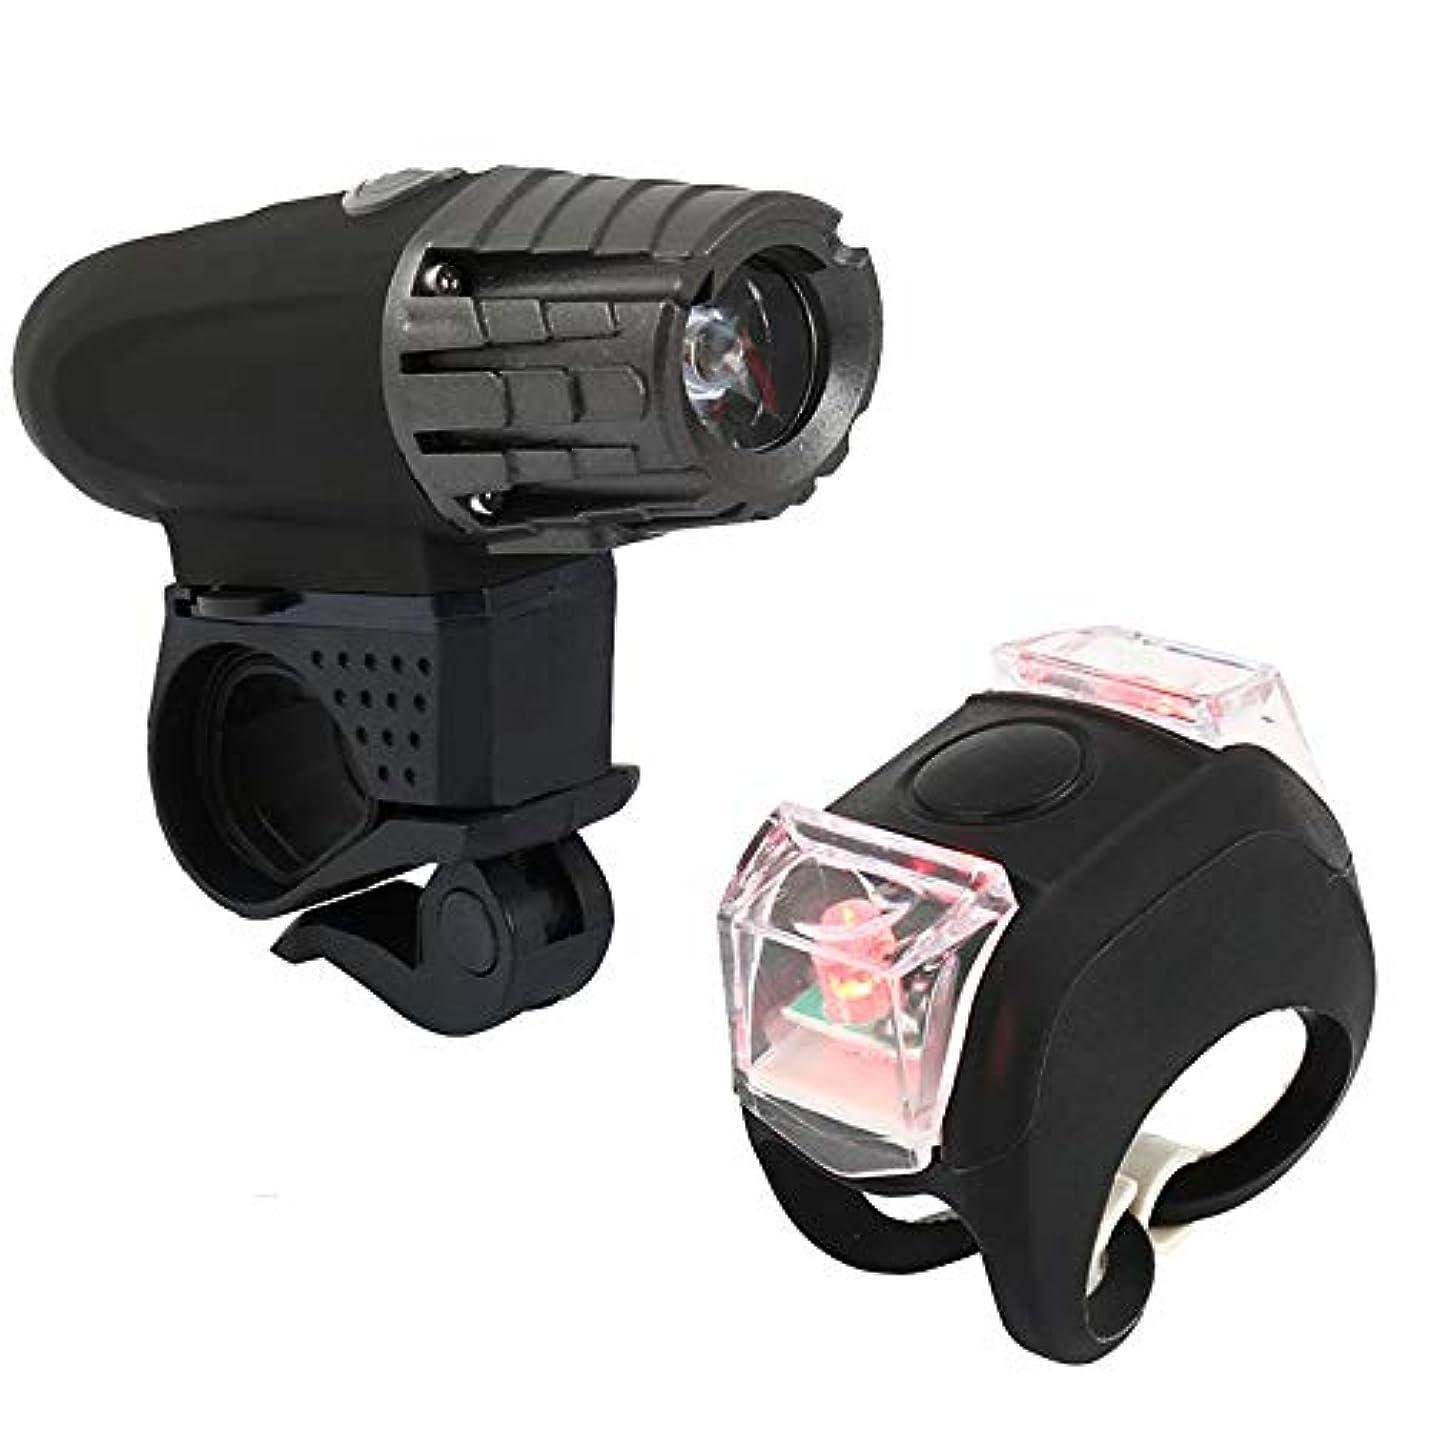 徐々ににやにや平衡nancylyebr 自転車ライト LEDヘッドライト テールライト フロントライト テールランプ セーフティライト マウンテンバイクライト USB充電式 LED 高輝度 防水 超小型 アウトドア専用 釣り ハイキング 災害 簡単取り付け